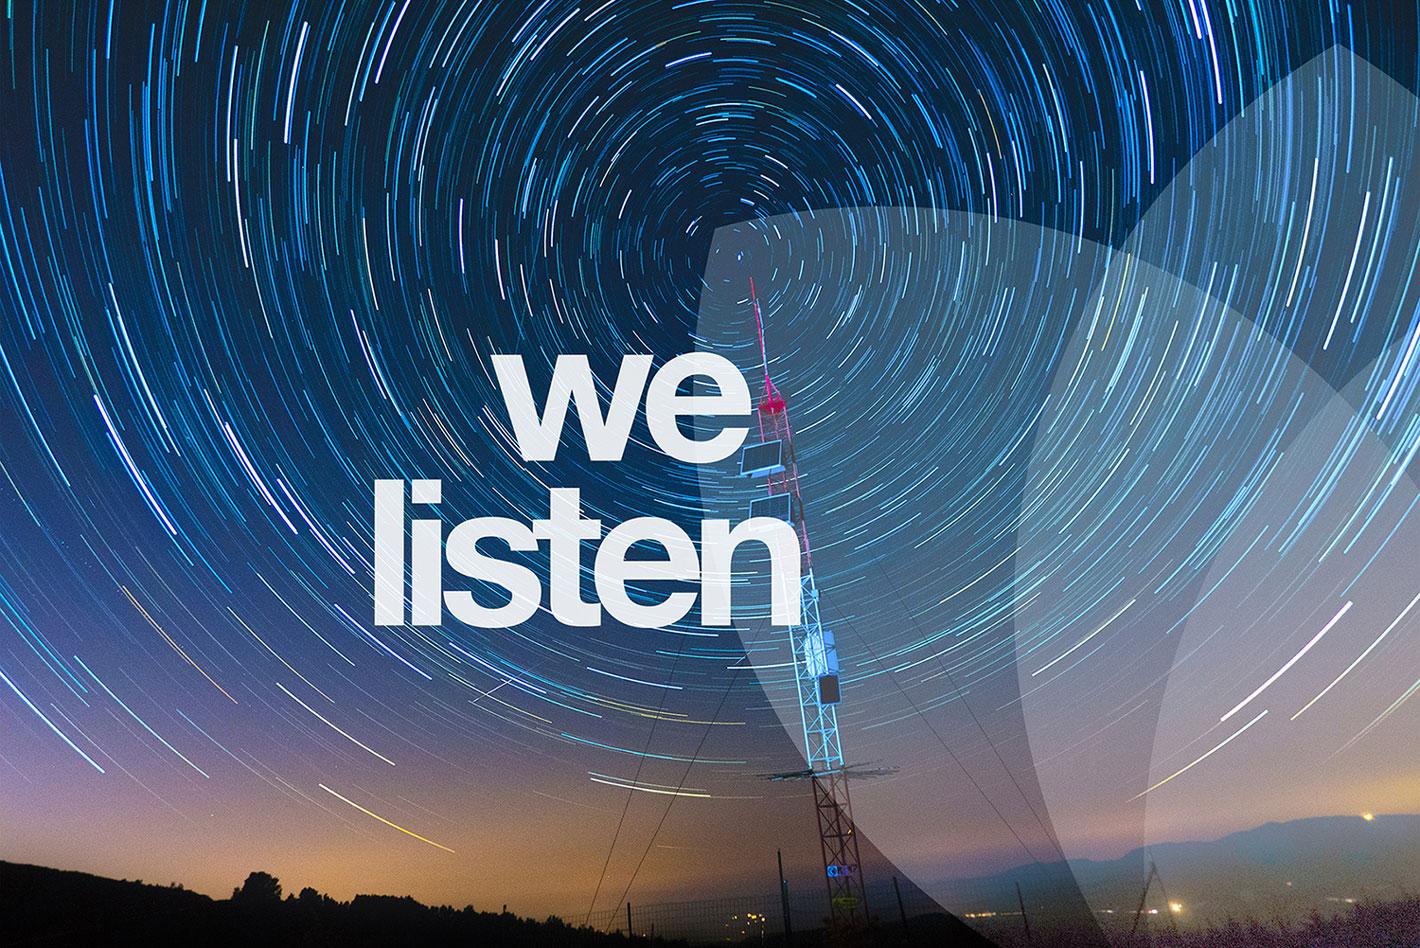 A_we-listen_telecom-tower.jpg